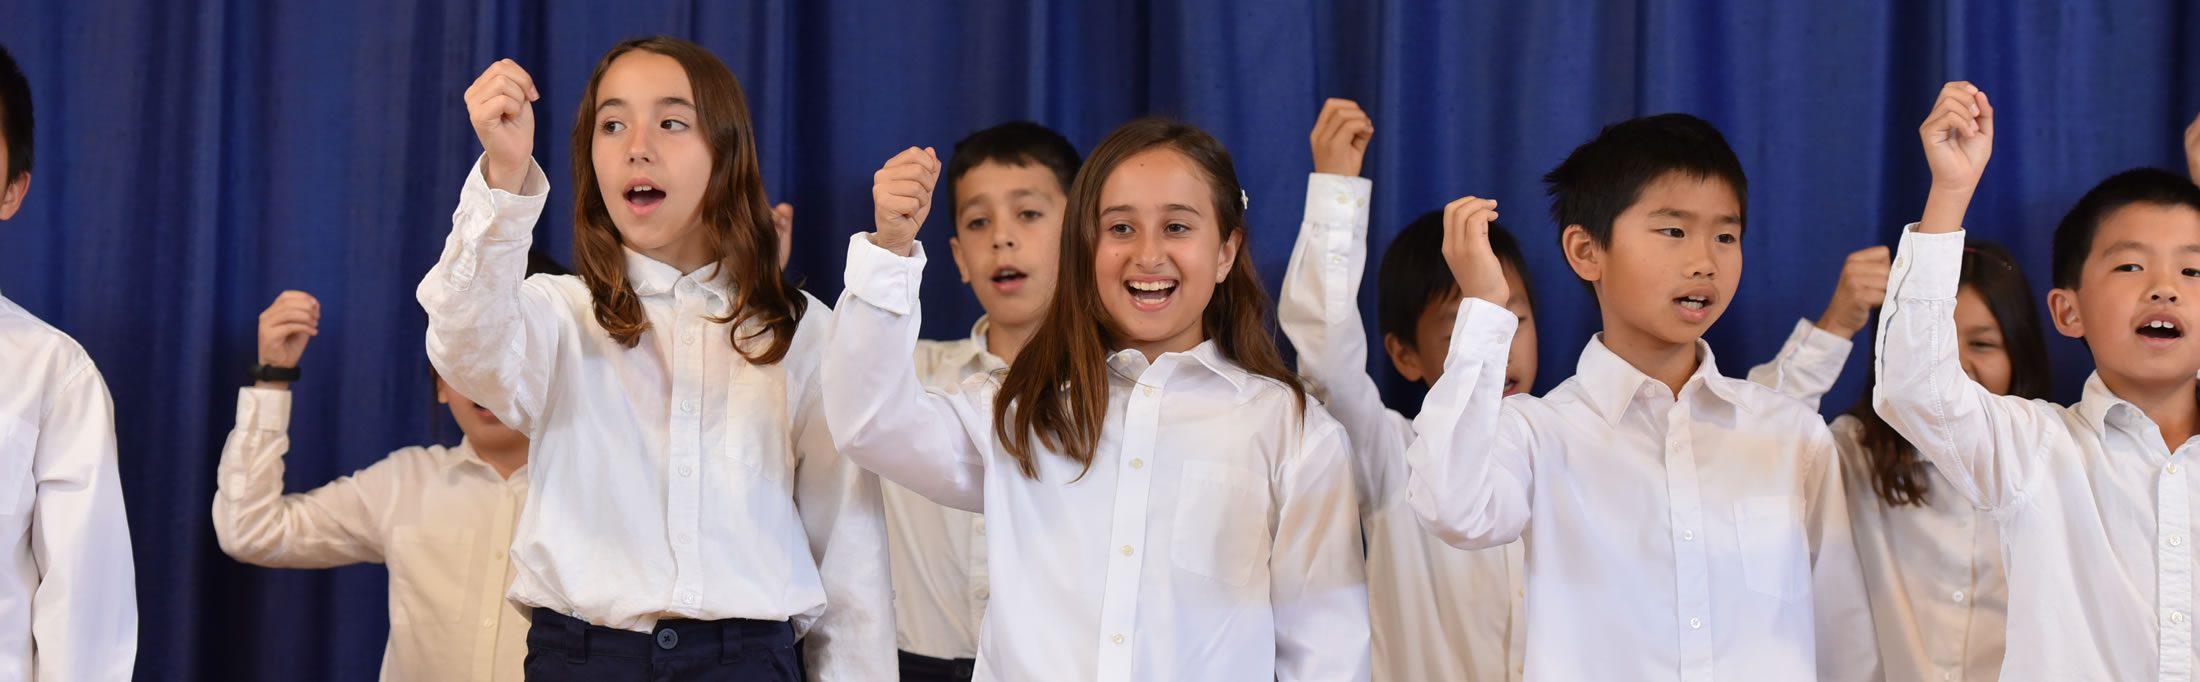 YCIS Orchestra & Choir